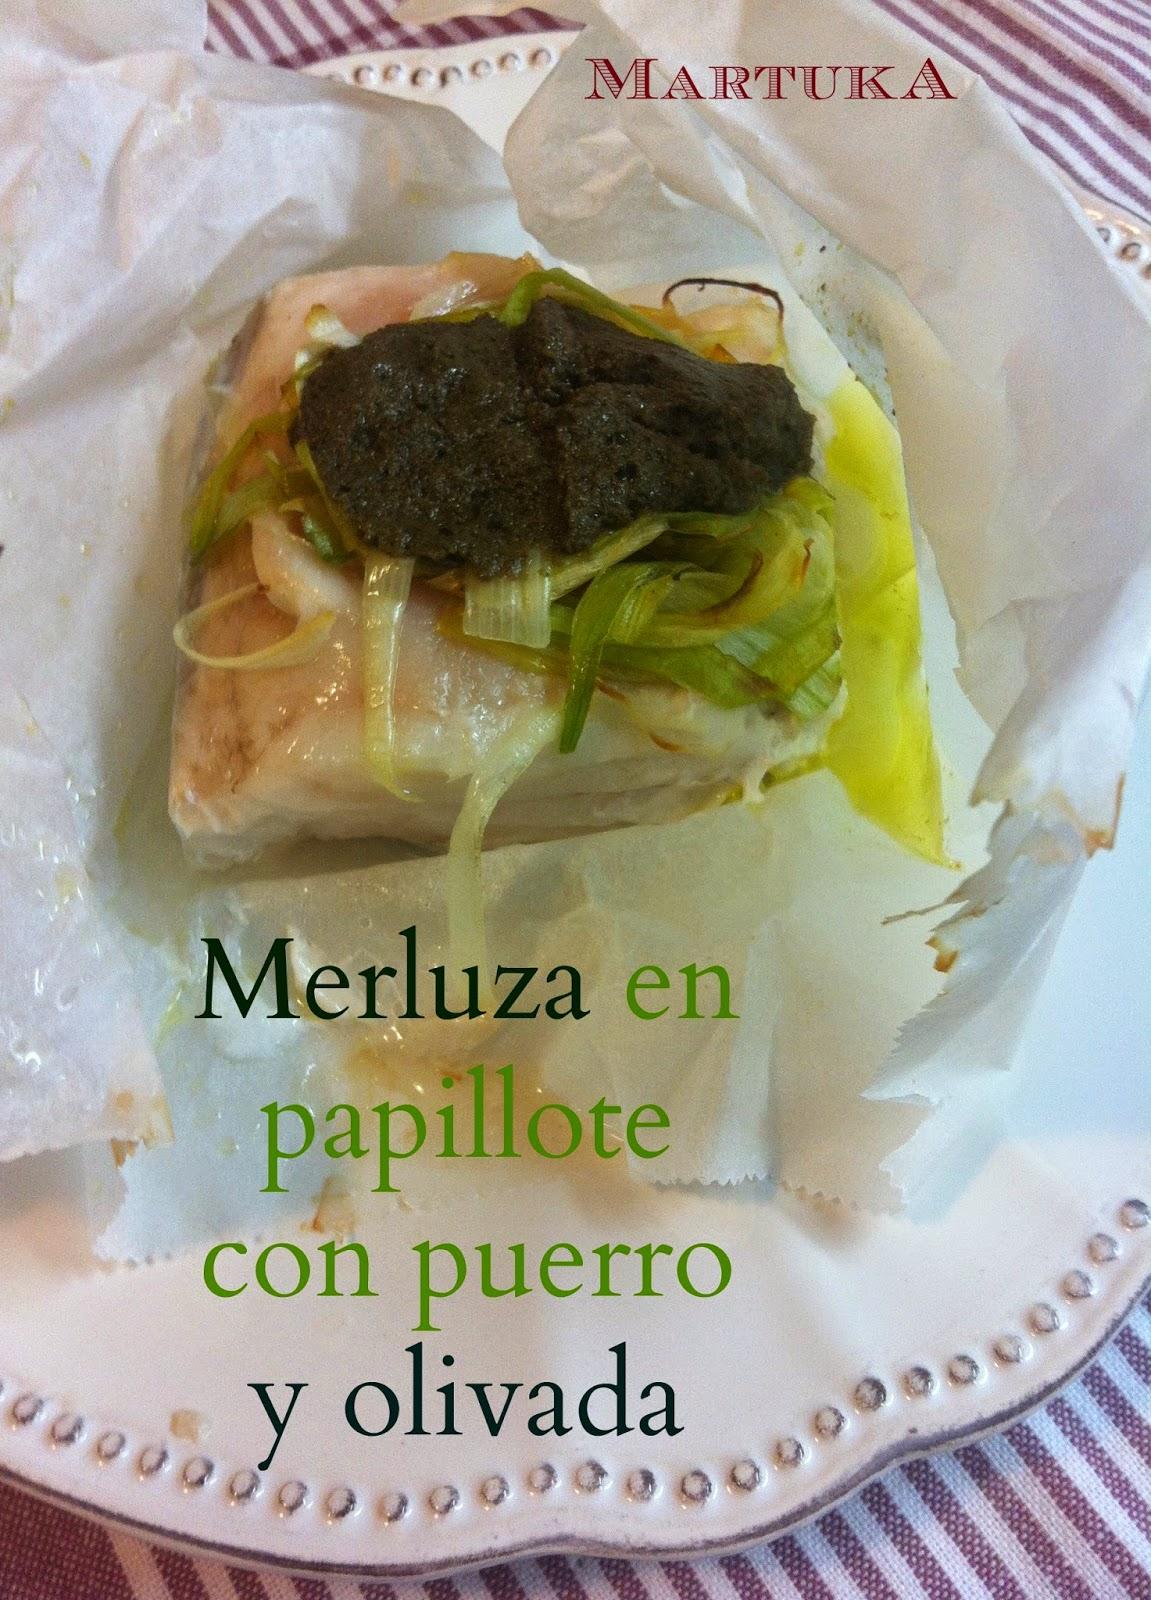 Las recetas de martuka merluza en papillote con puerro y - Merluza a la papillote ...